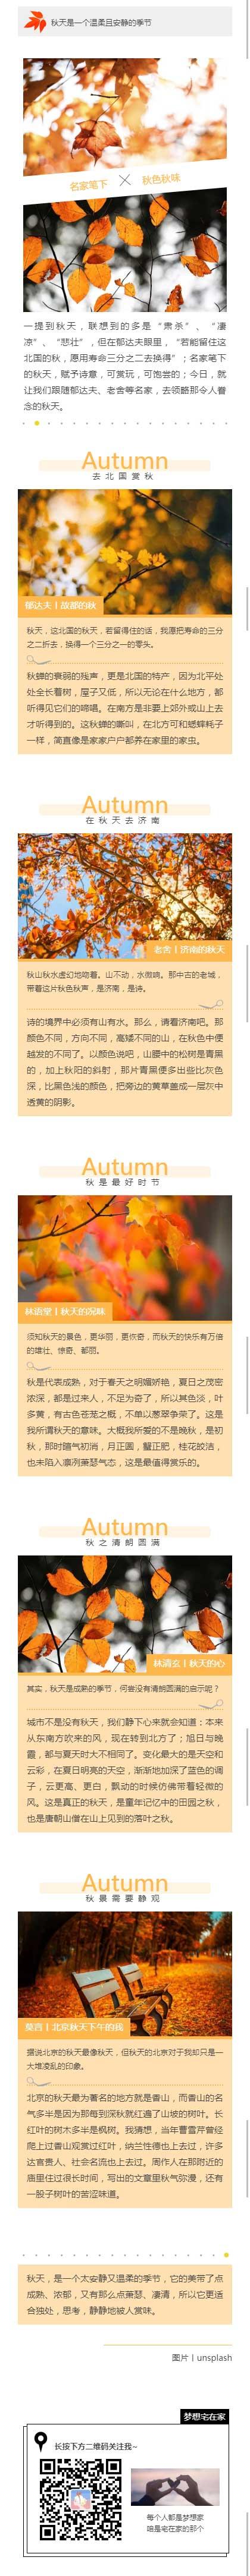 秋天是一个温柔且安静的季节金黄色落叶风格模板